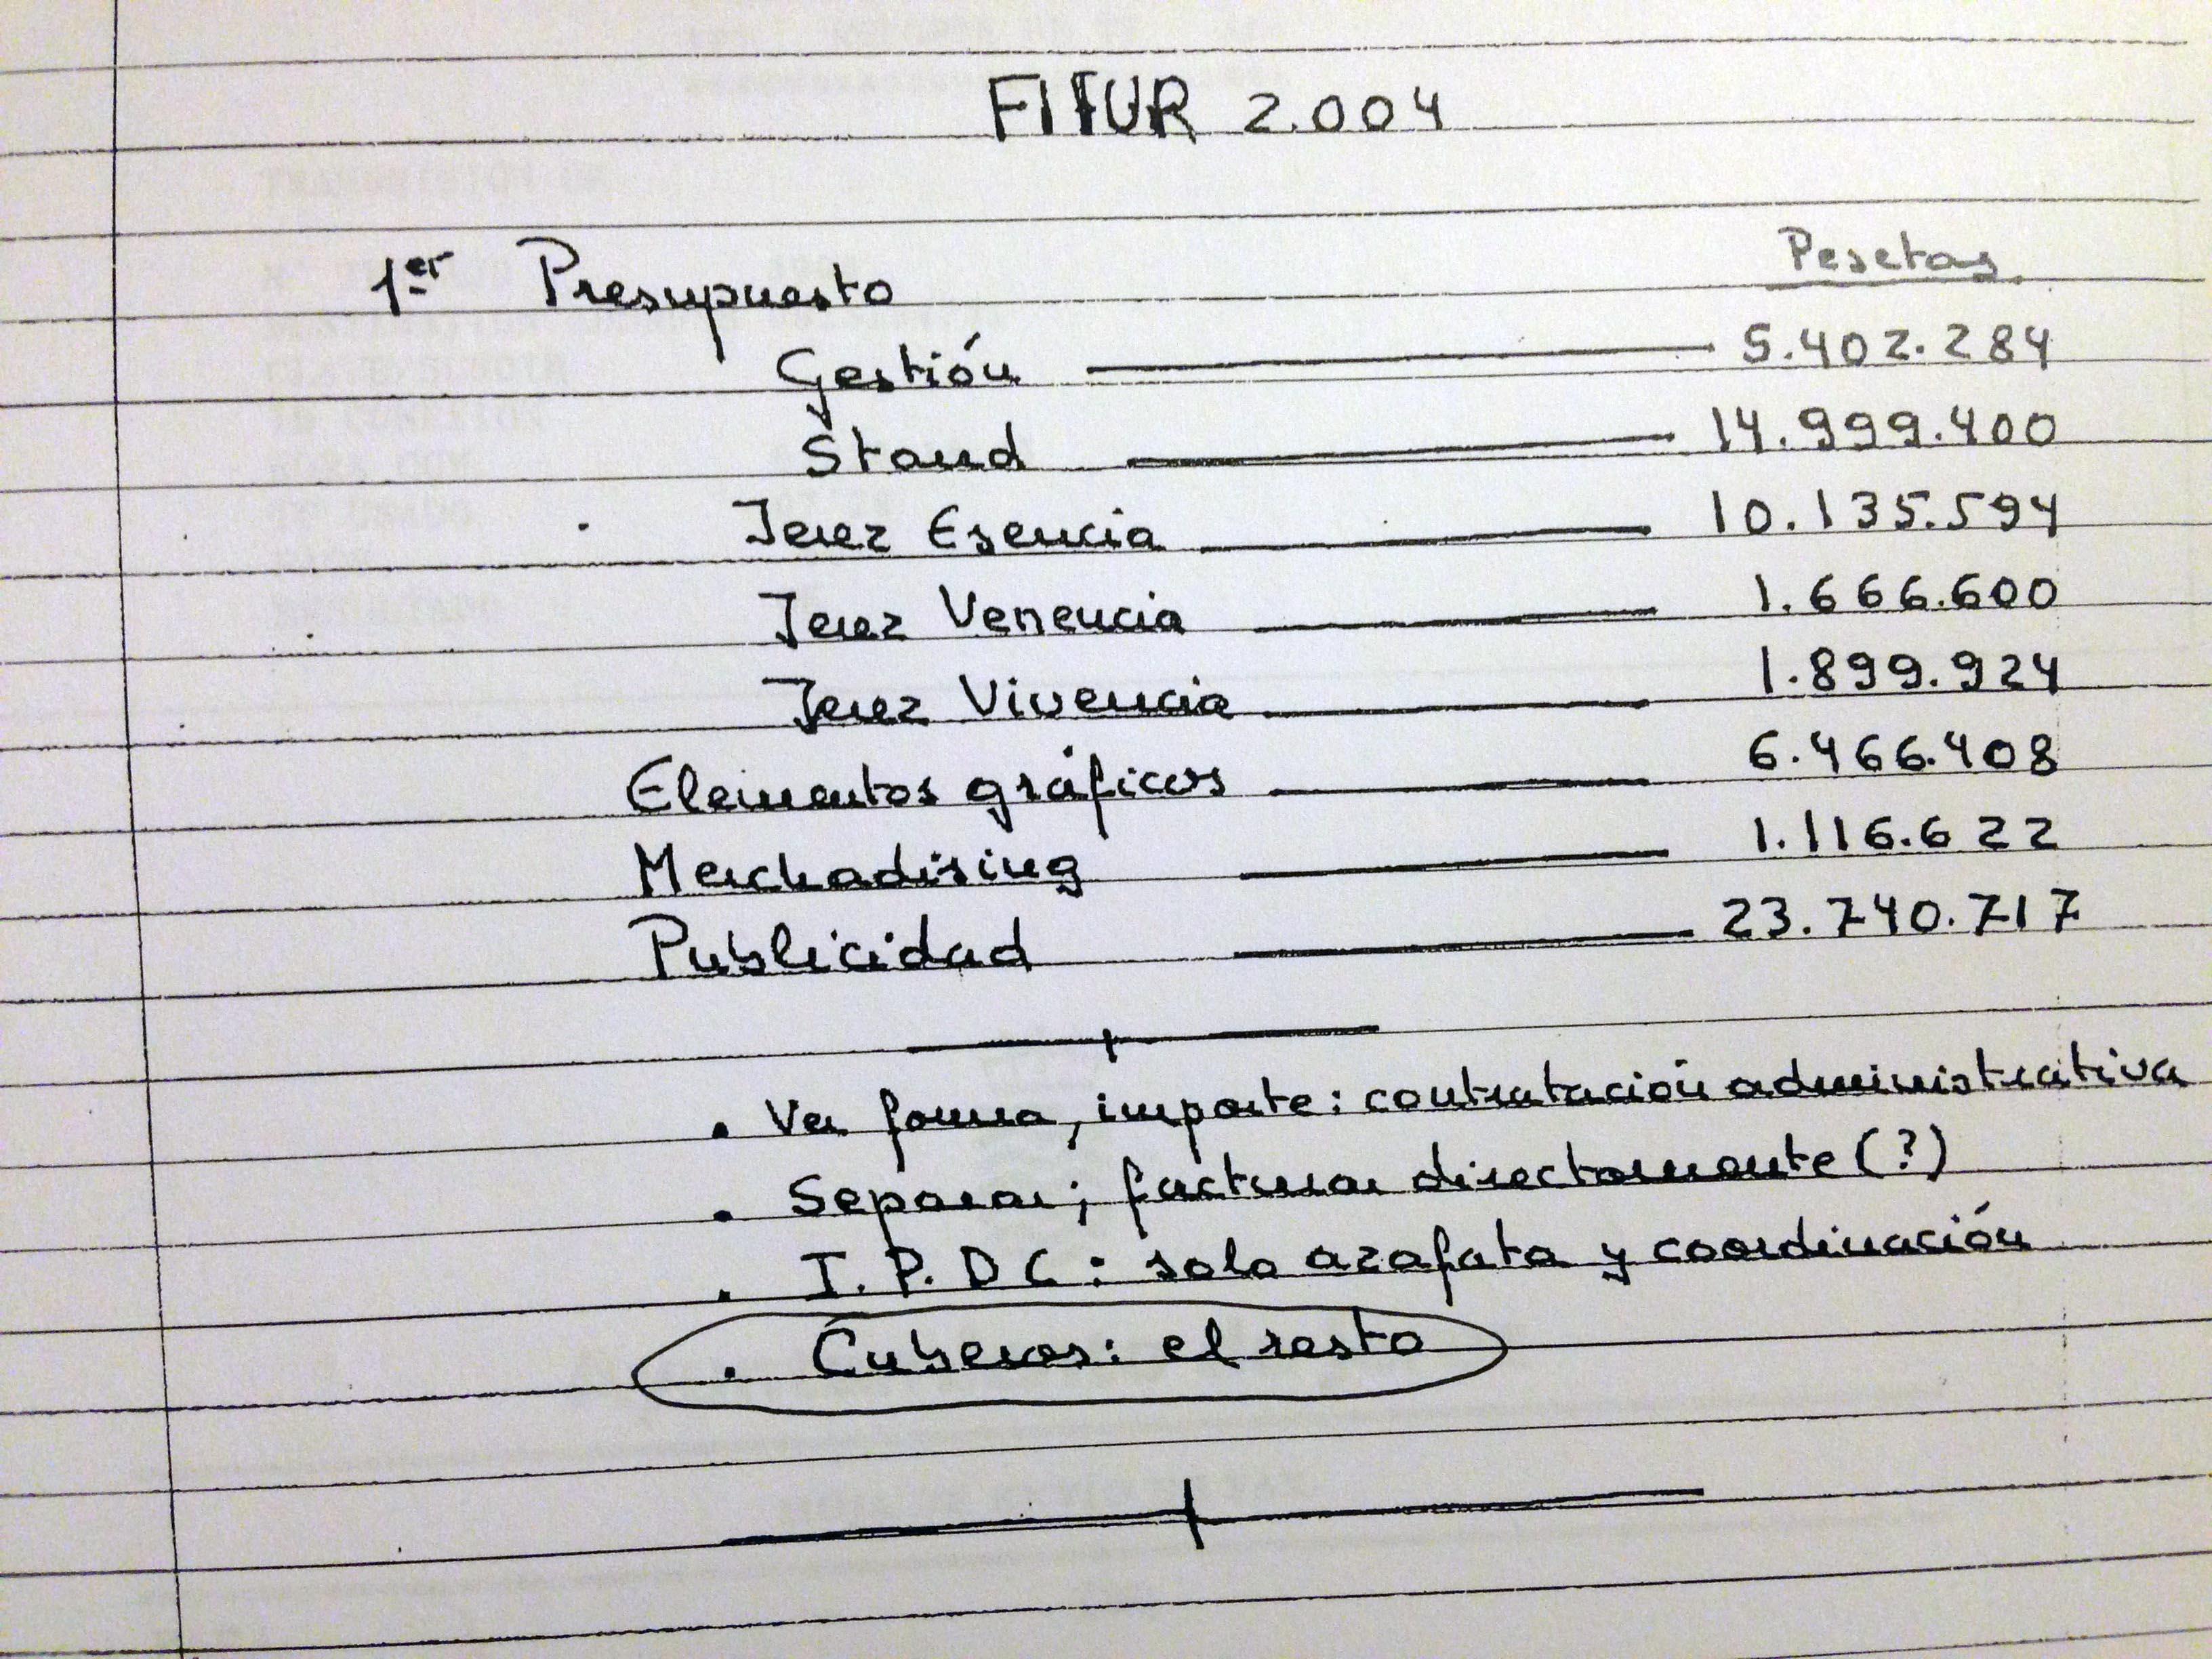 manuscrito_reunion_fitur_2004.jpg